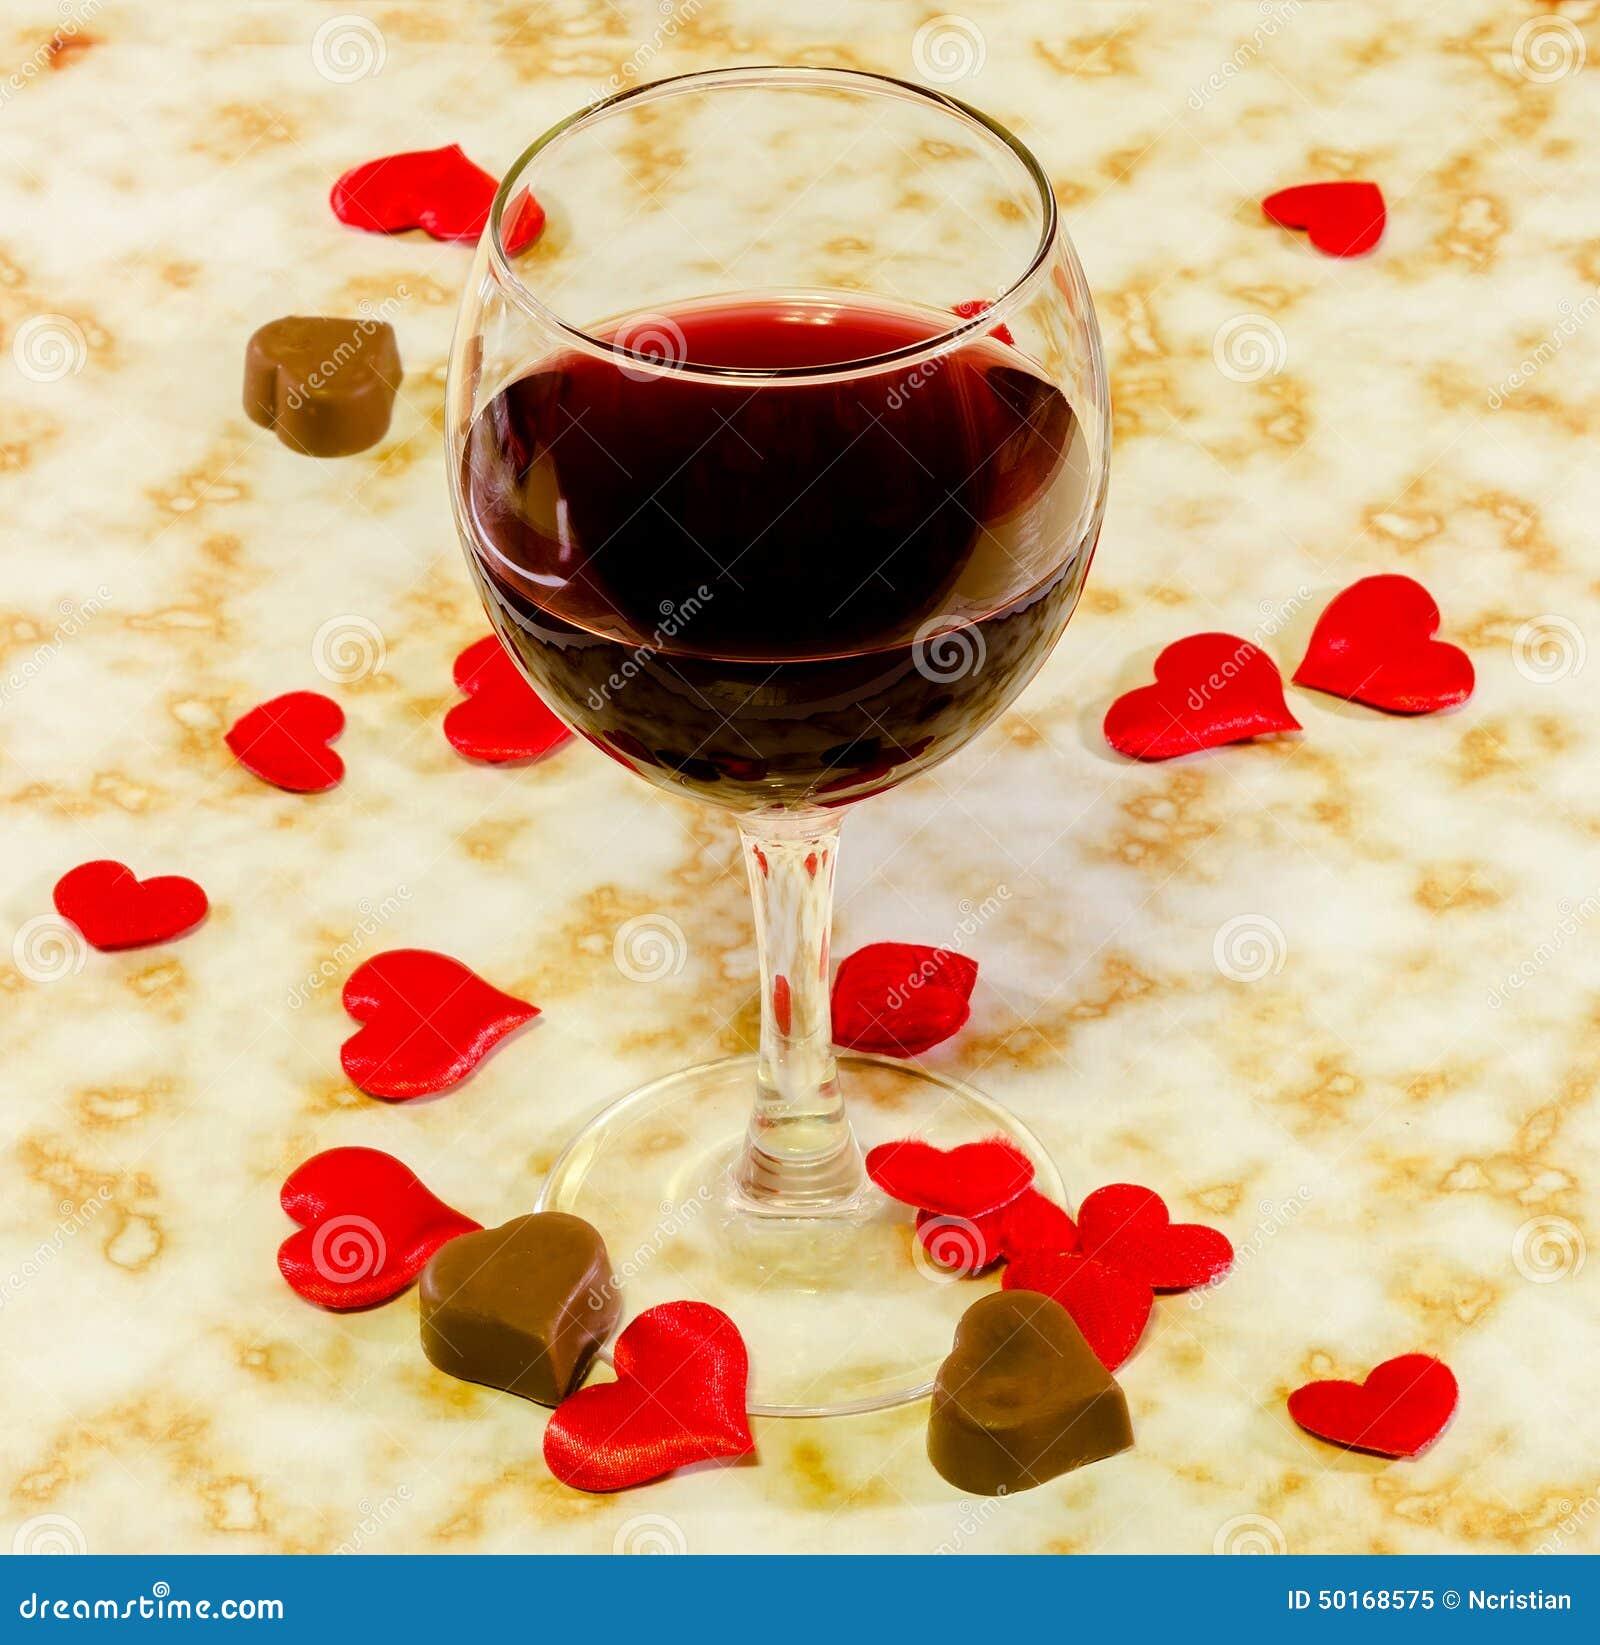 Το διαφανές γυαλί με το κόκκινο κρασί, τη σοκολάτα καρδιών και τις υφαντικές κόκκινες καρδιές βαλεντίνων, παλαιό υπόβαθρο εγγράφο